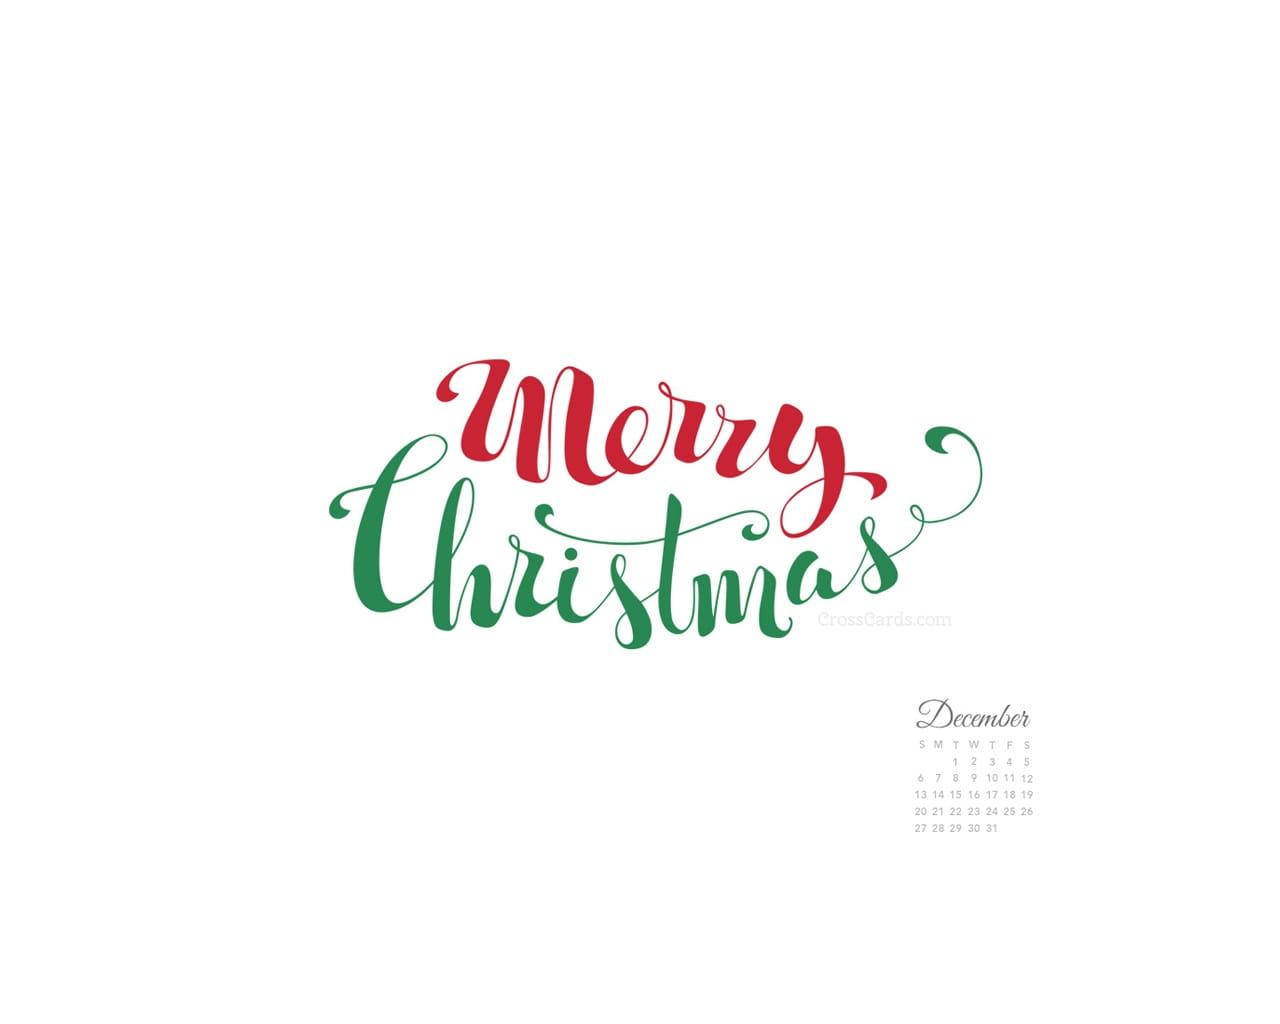 December 2015 Merry Christmas Handwritten Desktop